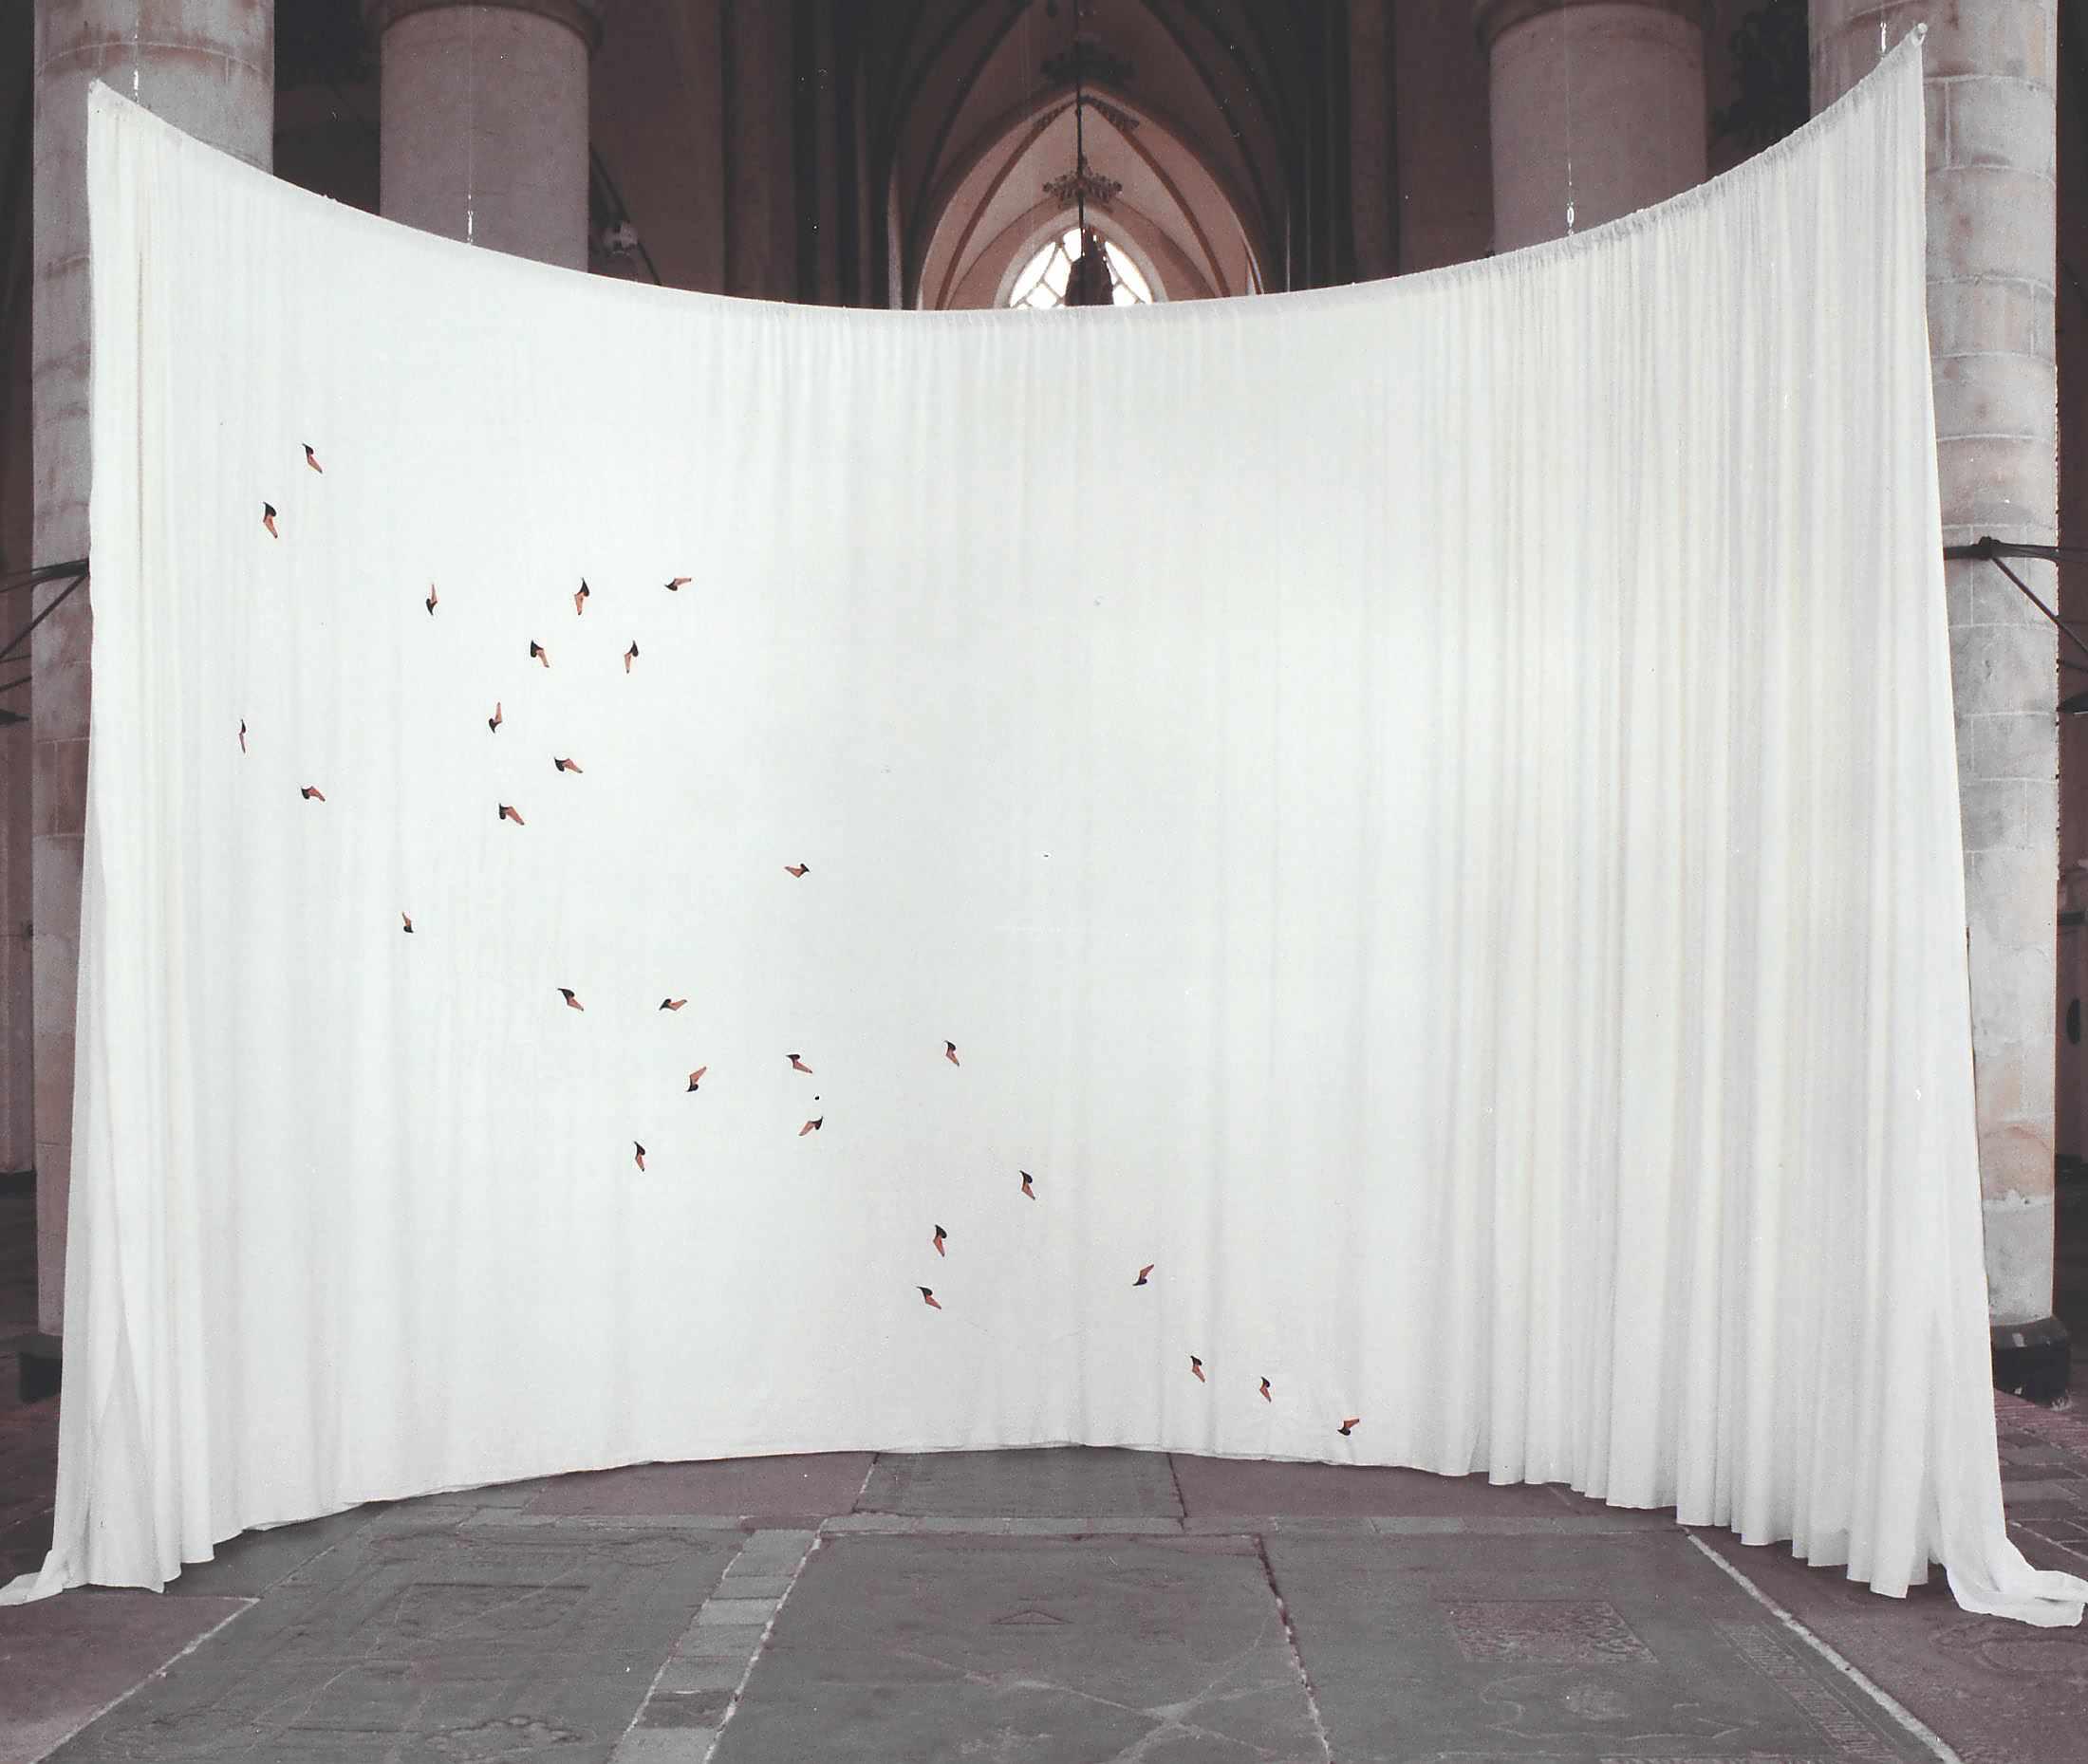 embroidery - swans - bergkerk - deventer - borduren 2000